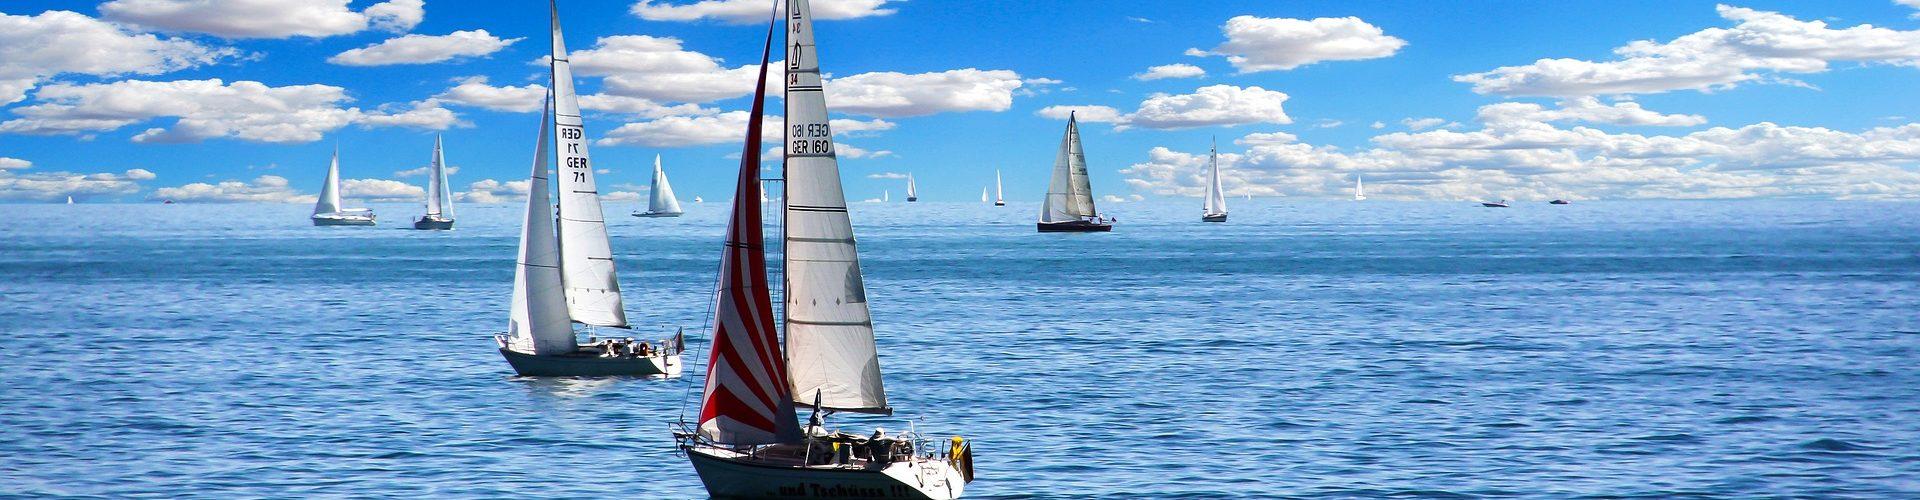 segeln lernen in Kochel am See segelschein machen in Kochel am See 1920x500 - Segeln lernen in Kochel am See